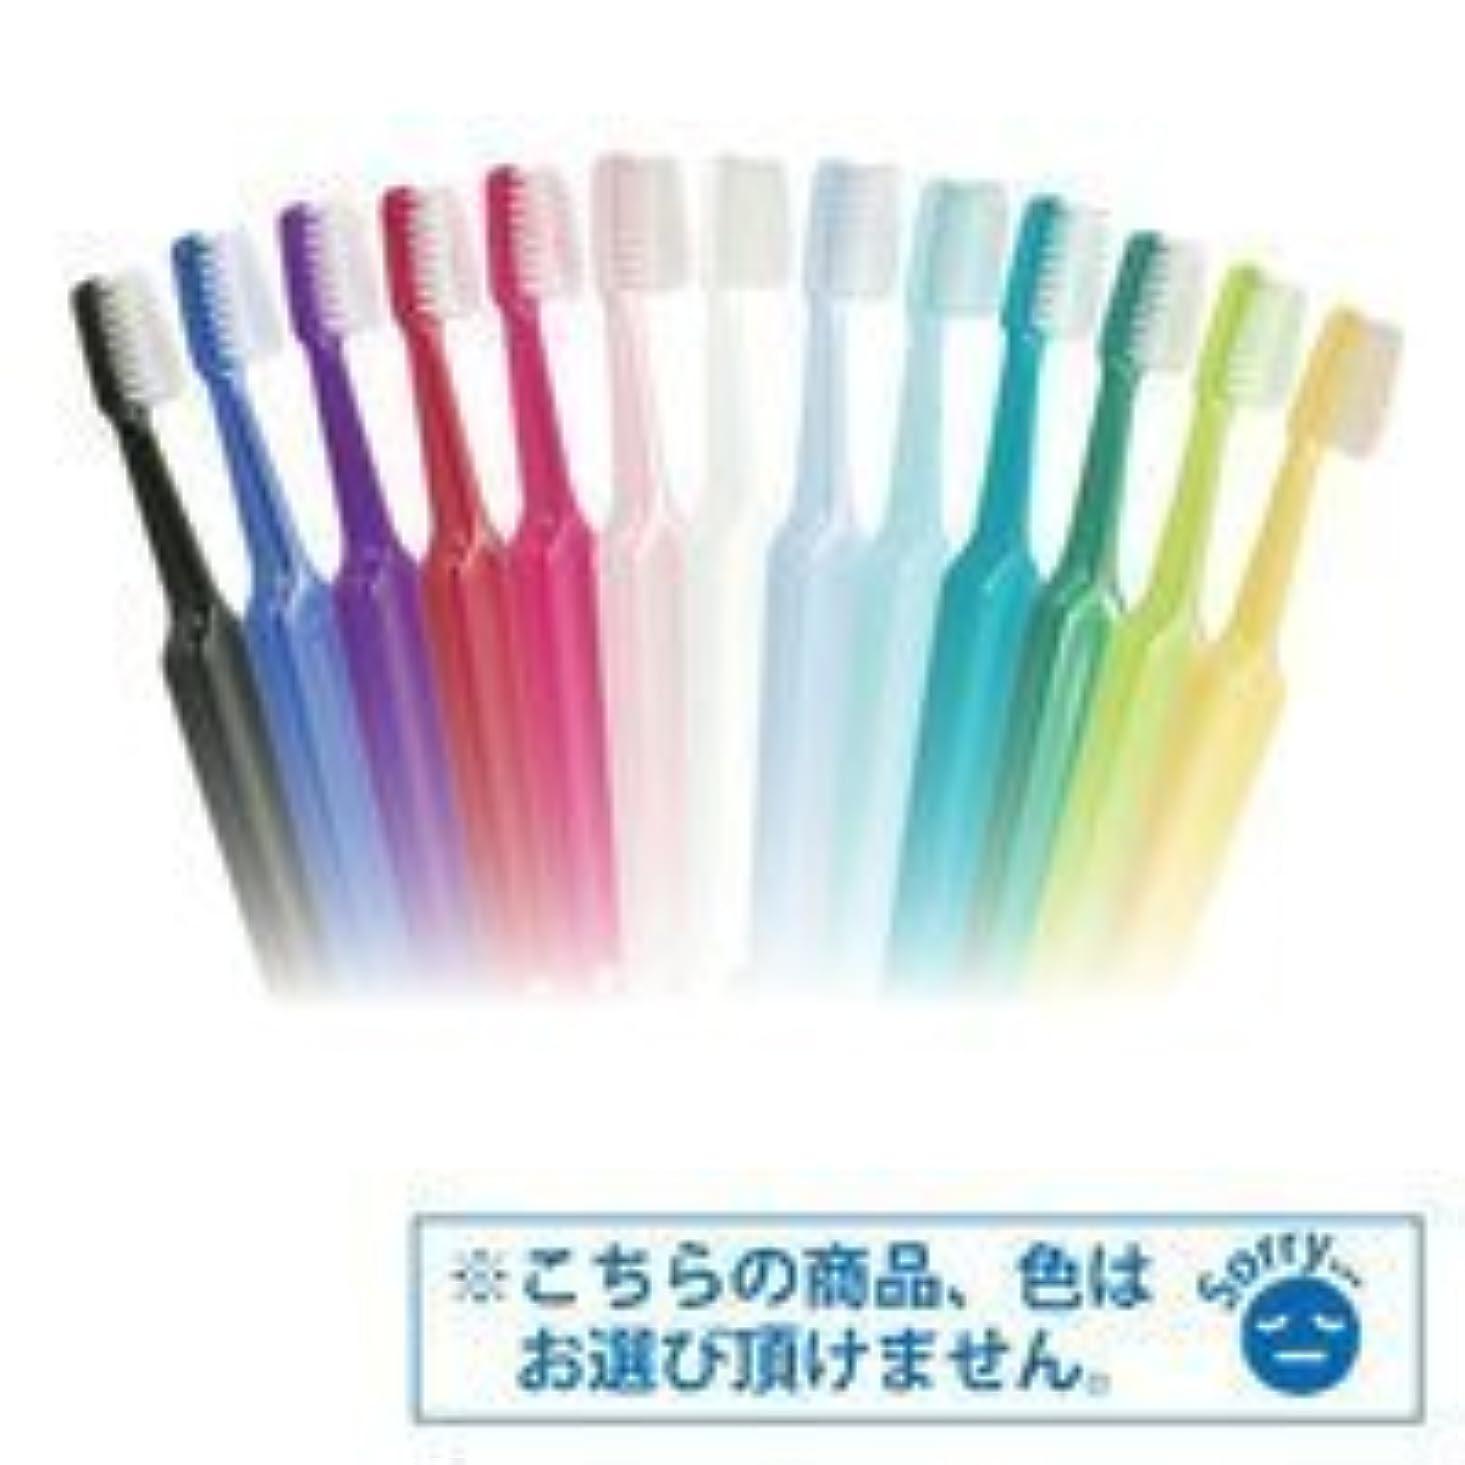 レクリエーション風邪をひく封建Tepe歯ブラシ セレクトミニ/ソフト 5本入り